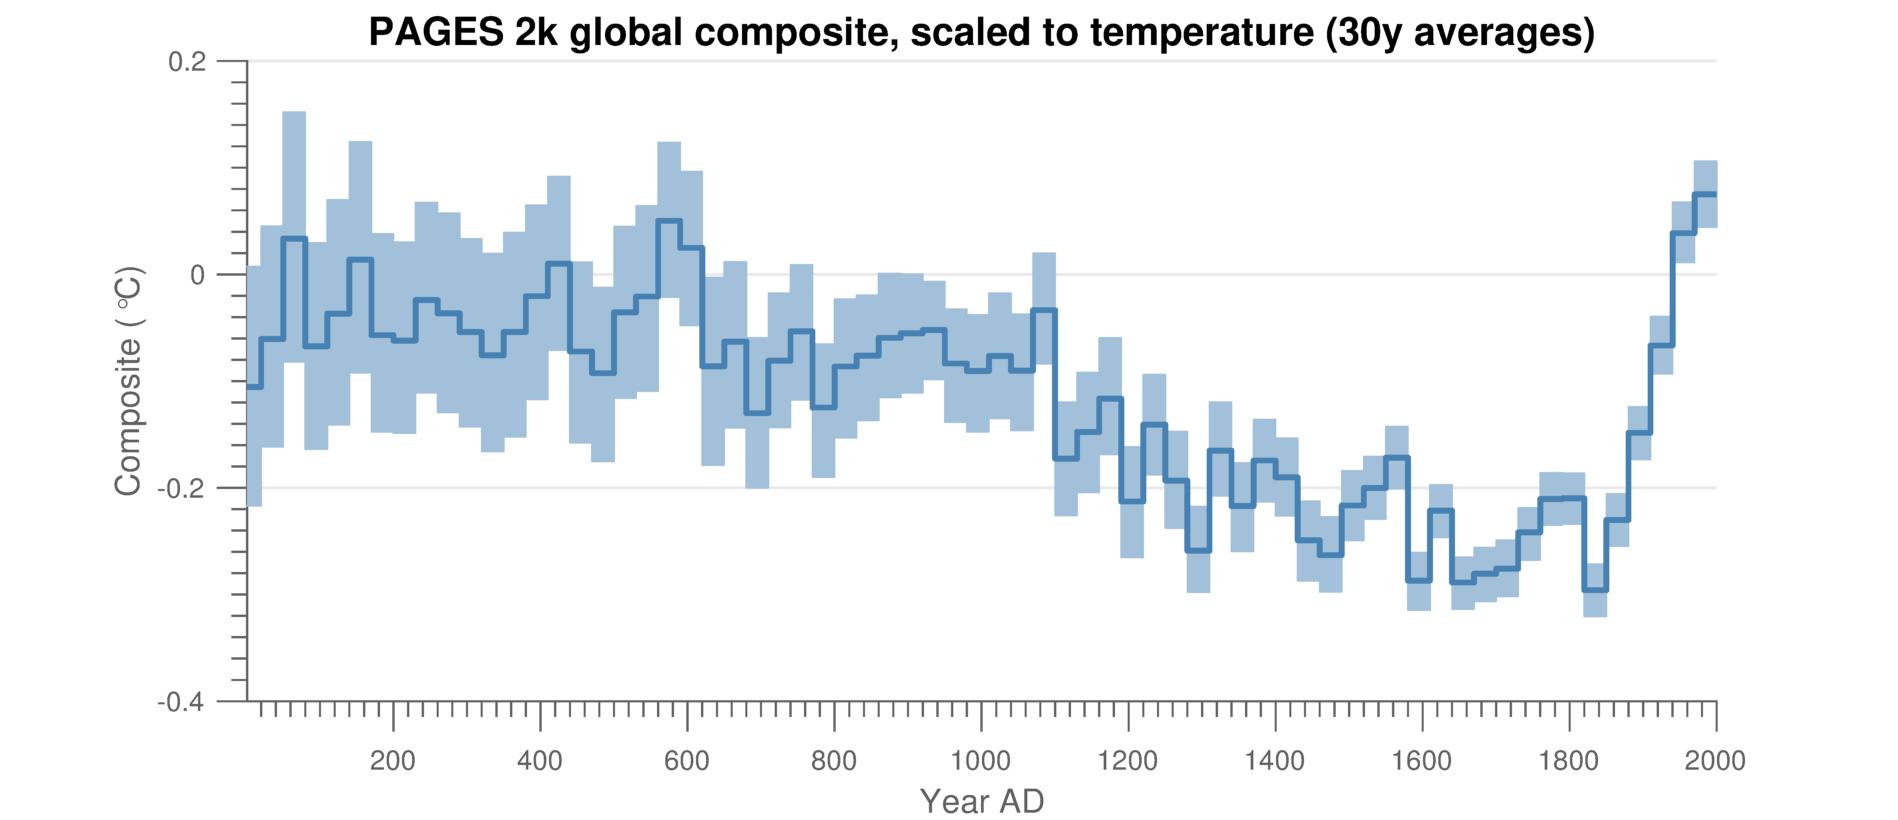 Grafik von zusammengeführten PAGES2k-Daten, die mit einem grossen Teil der aktuellen Klimaforschung übereinstimmen: Auf eine langfristige Abkühlung bis zum 19. Jahrhundert folgt ein abrupter Temperaturanstieg. Die blau schattierten Flächen stellen die Unsicherheiten dar. © Julien Emile-G